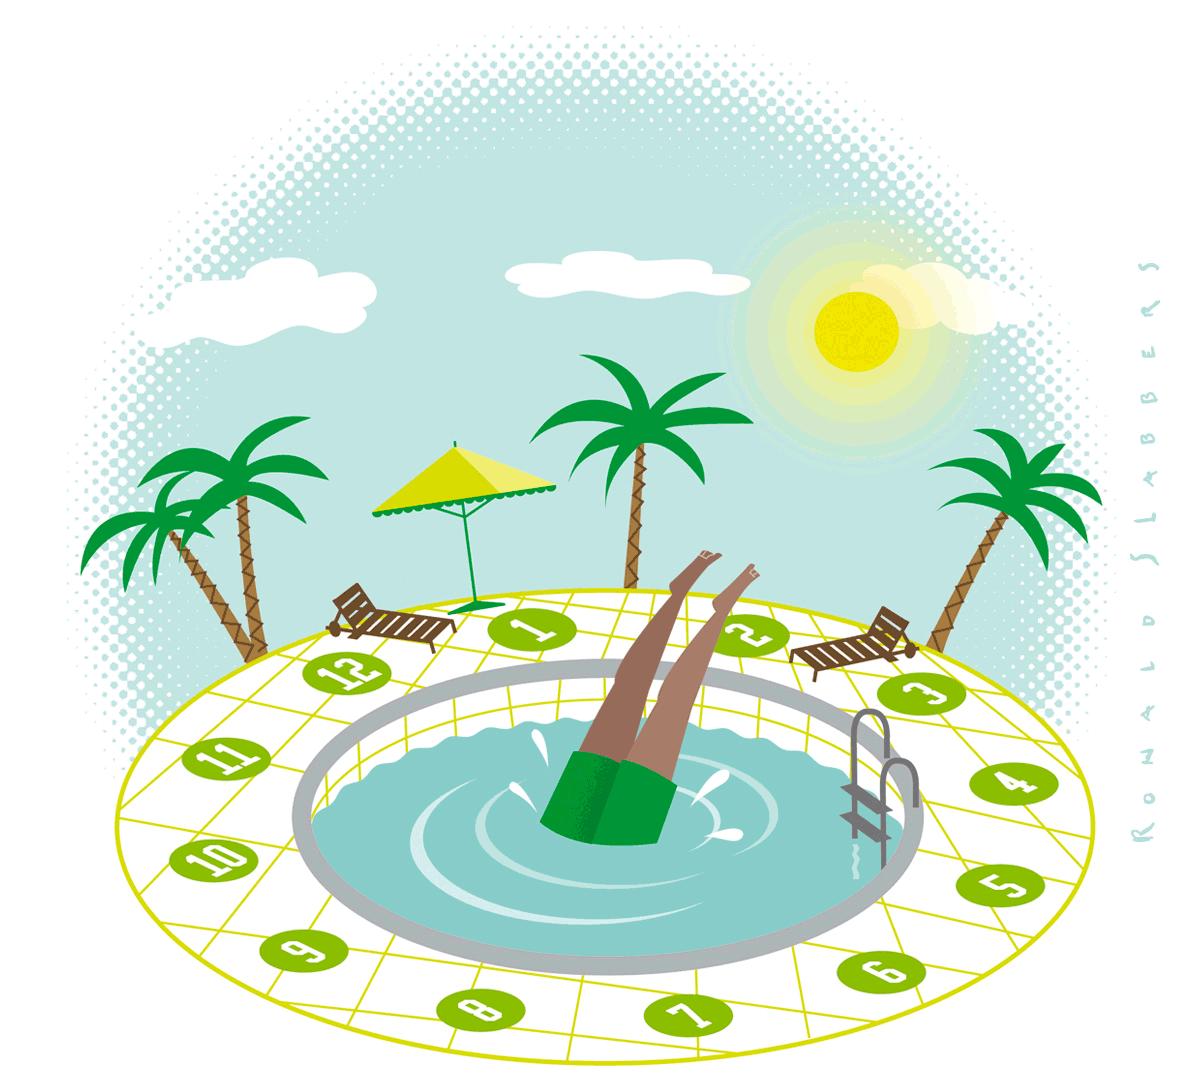 Illustratie van een man in zwembroek, de man springt in een zwembad in de vorm van een zwembad. Palmen en zon op de achtergrond